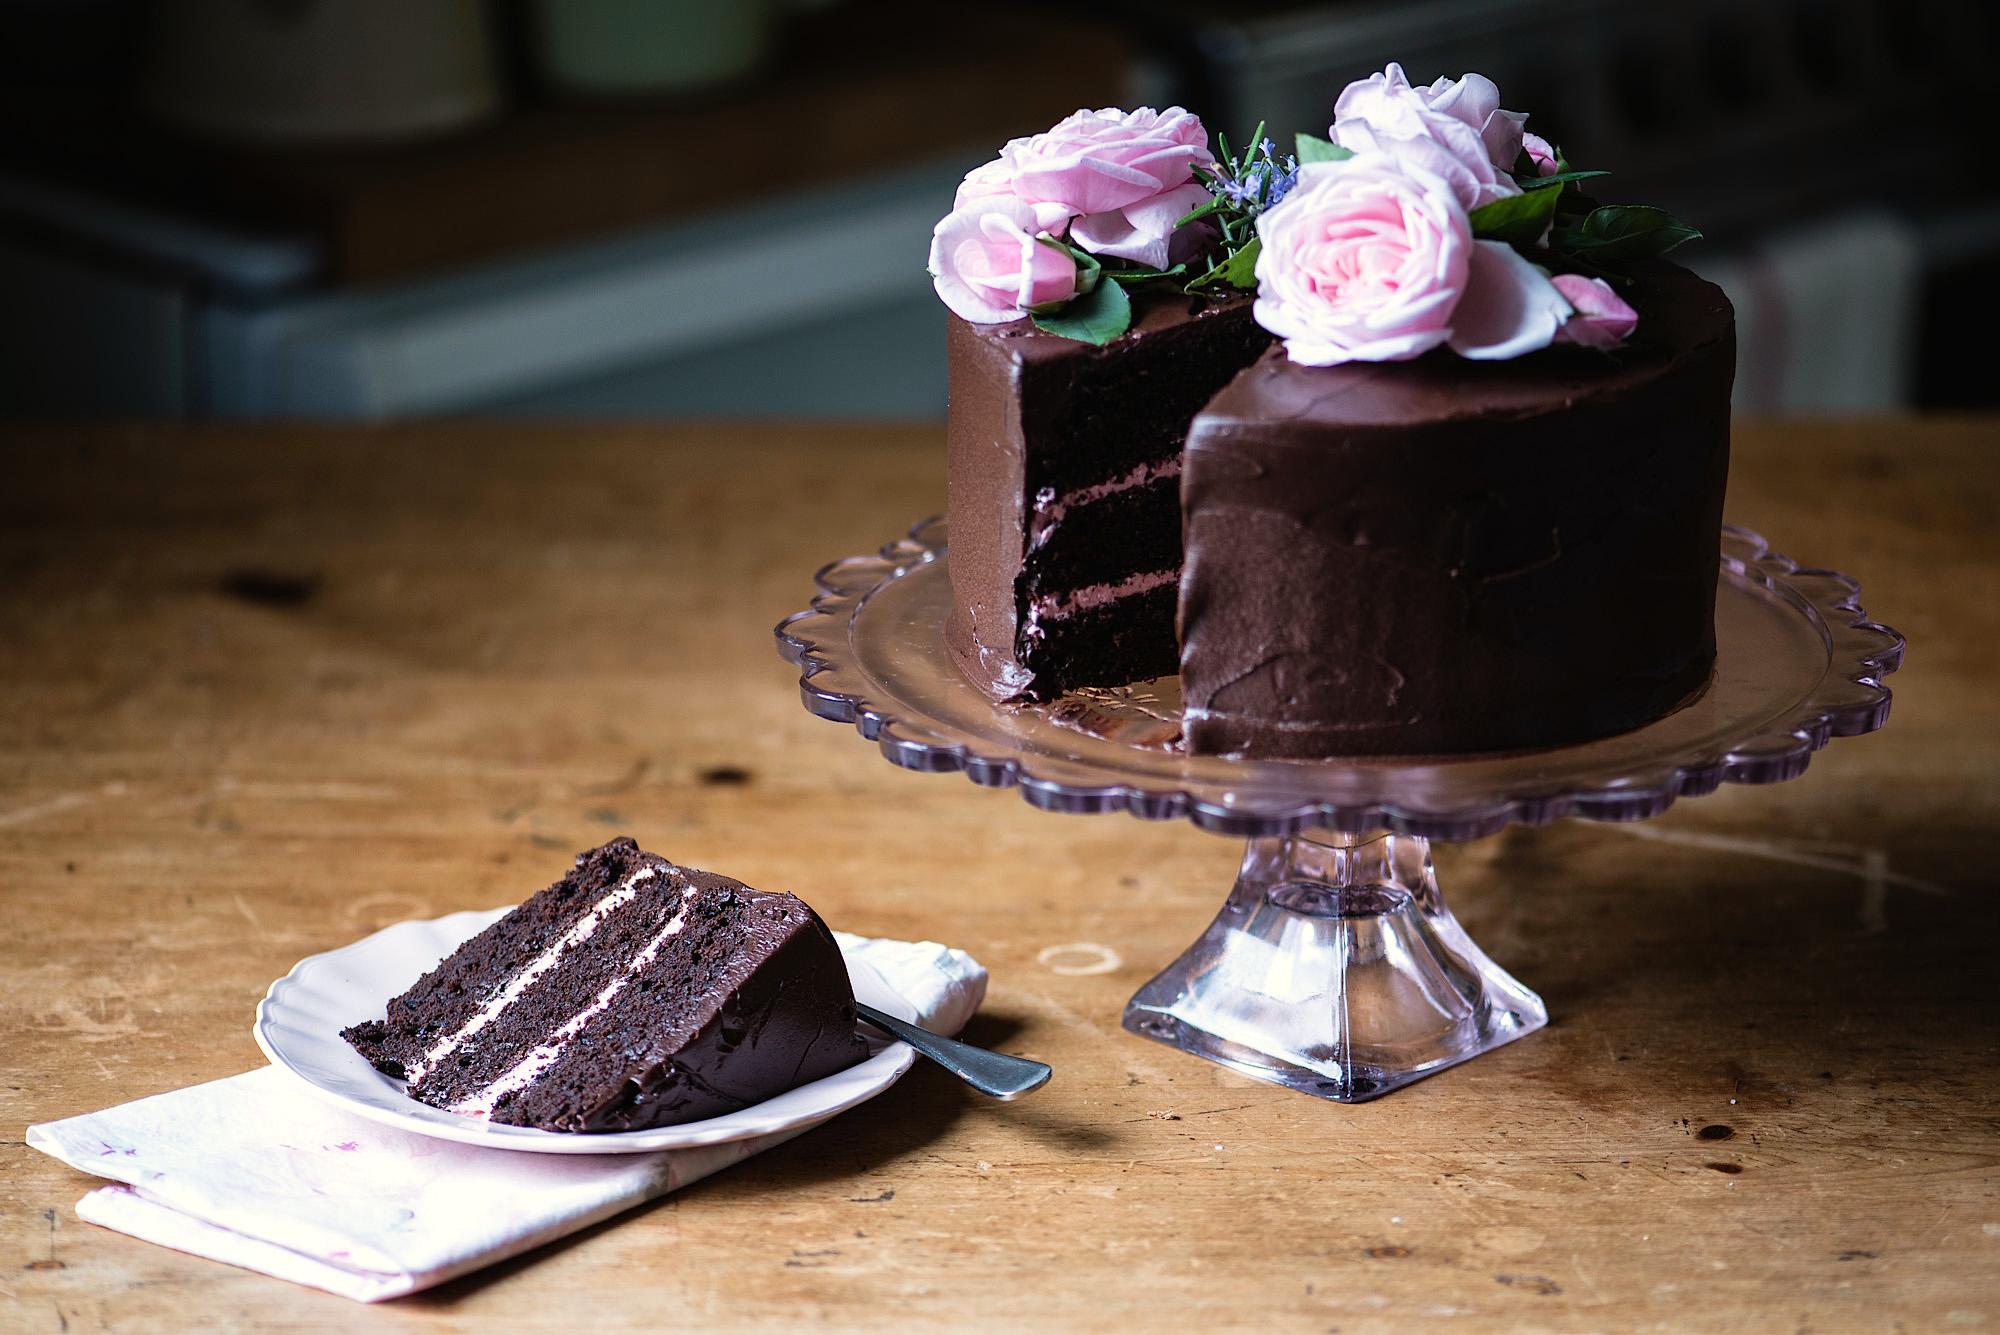 Jude-Choc-Cake-91